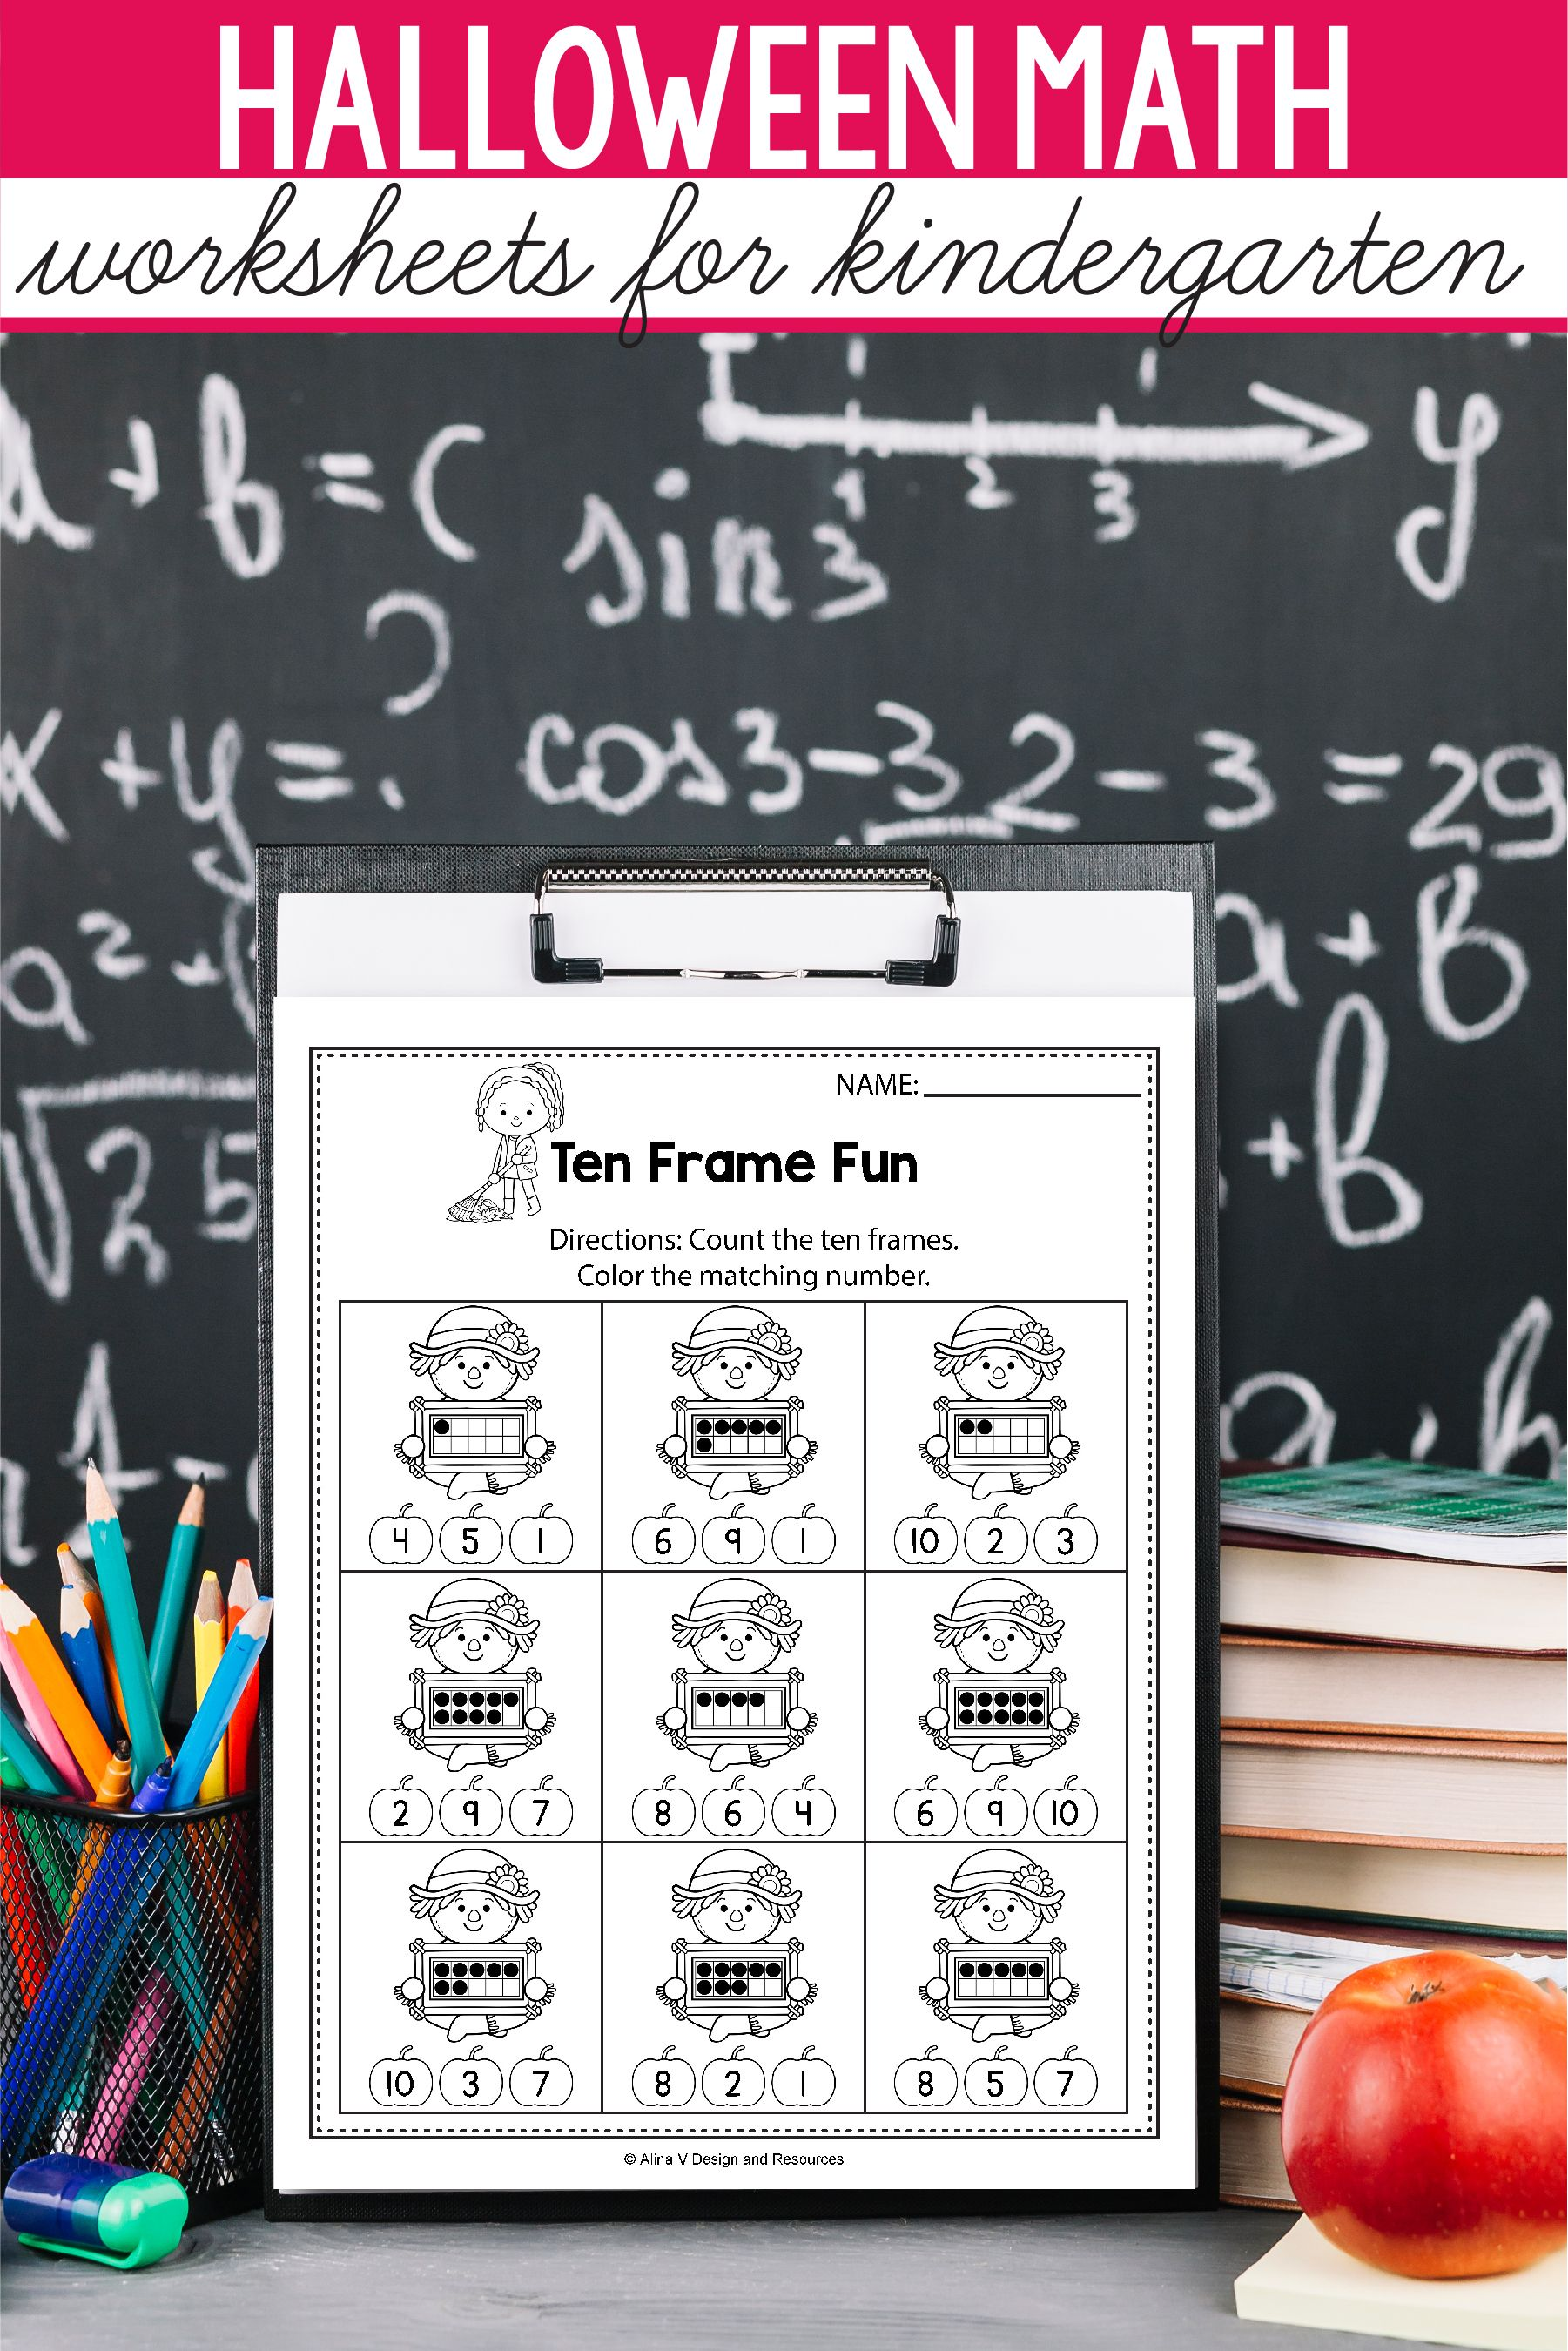 Halloween Math Activities For Kindergarten 1st Grade And